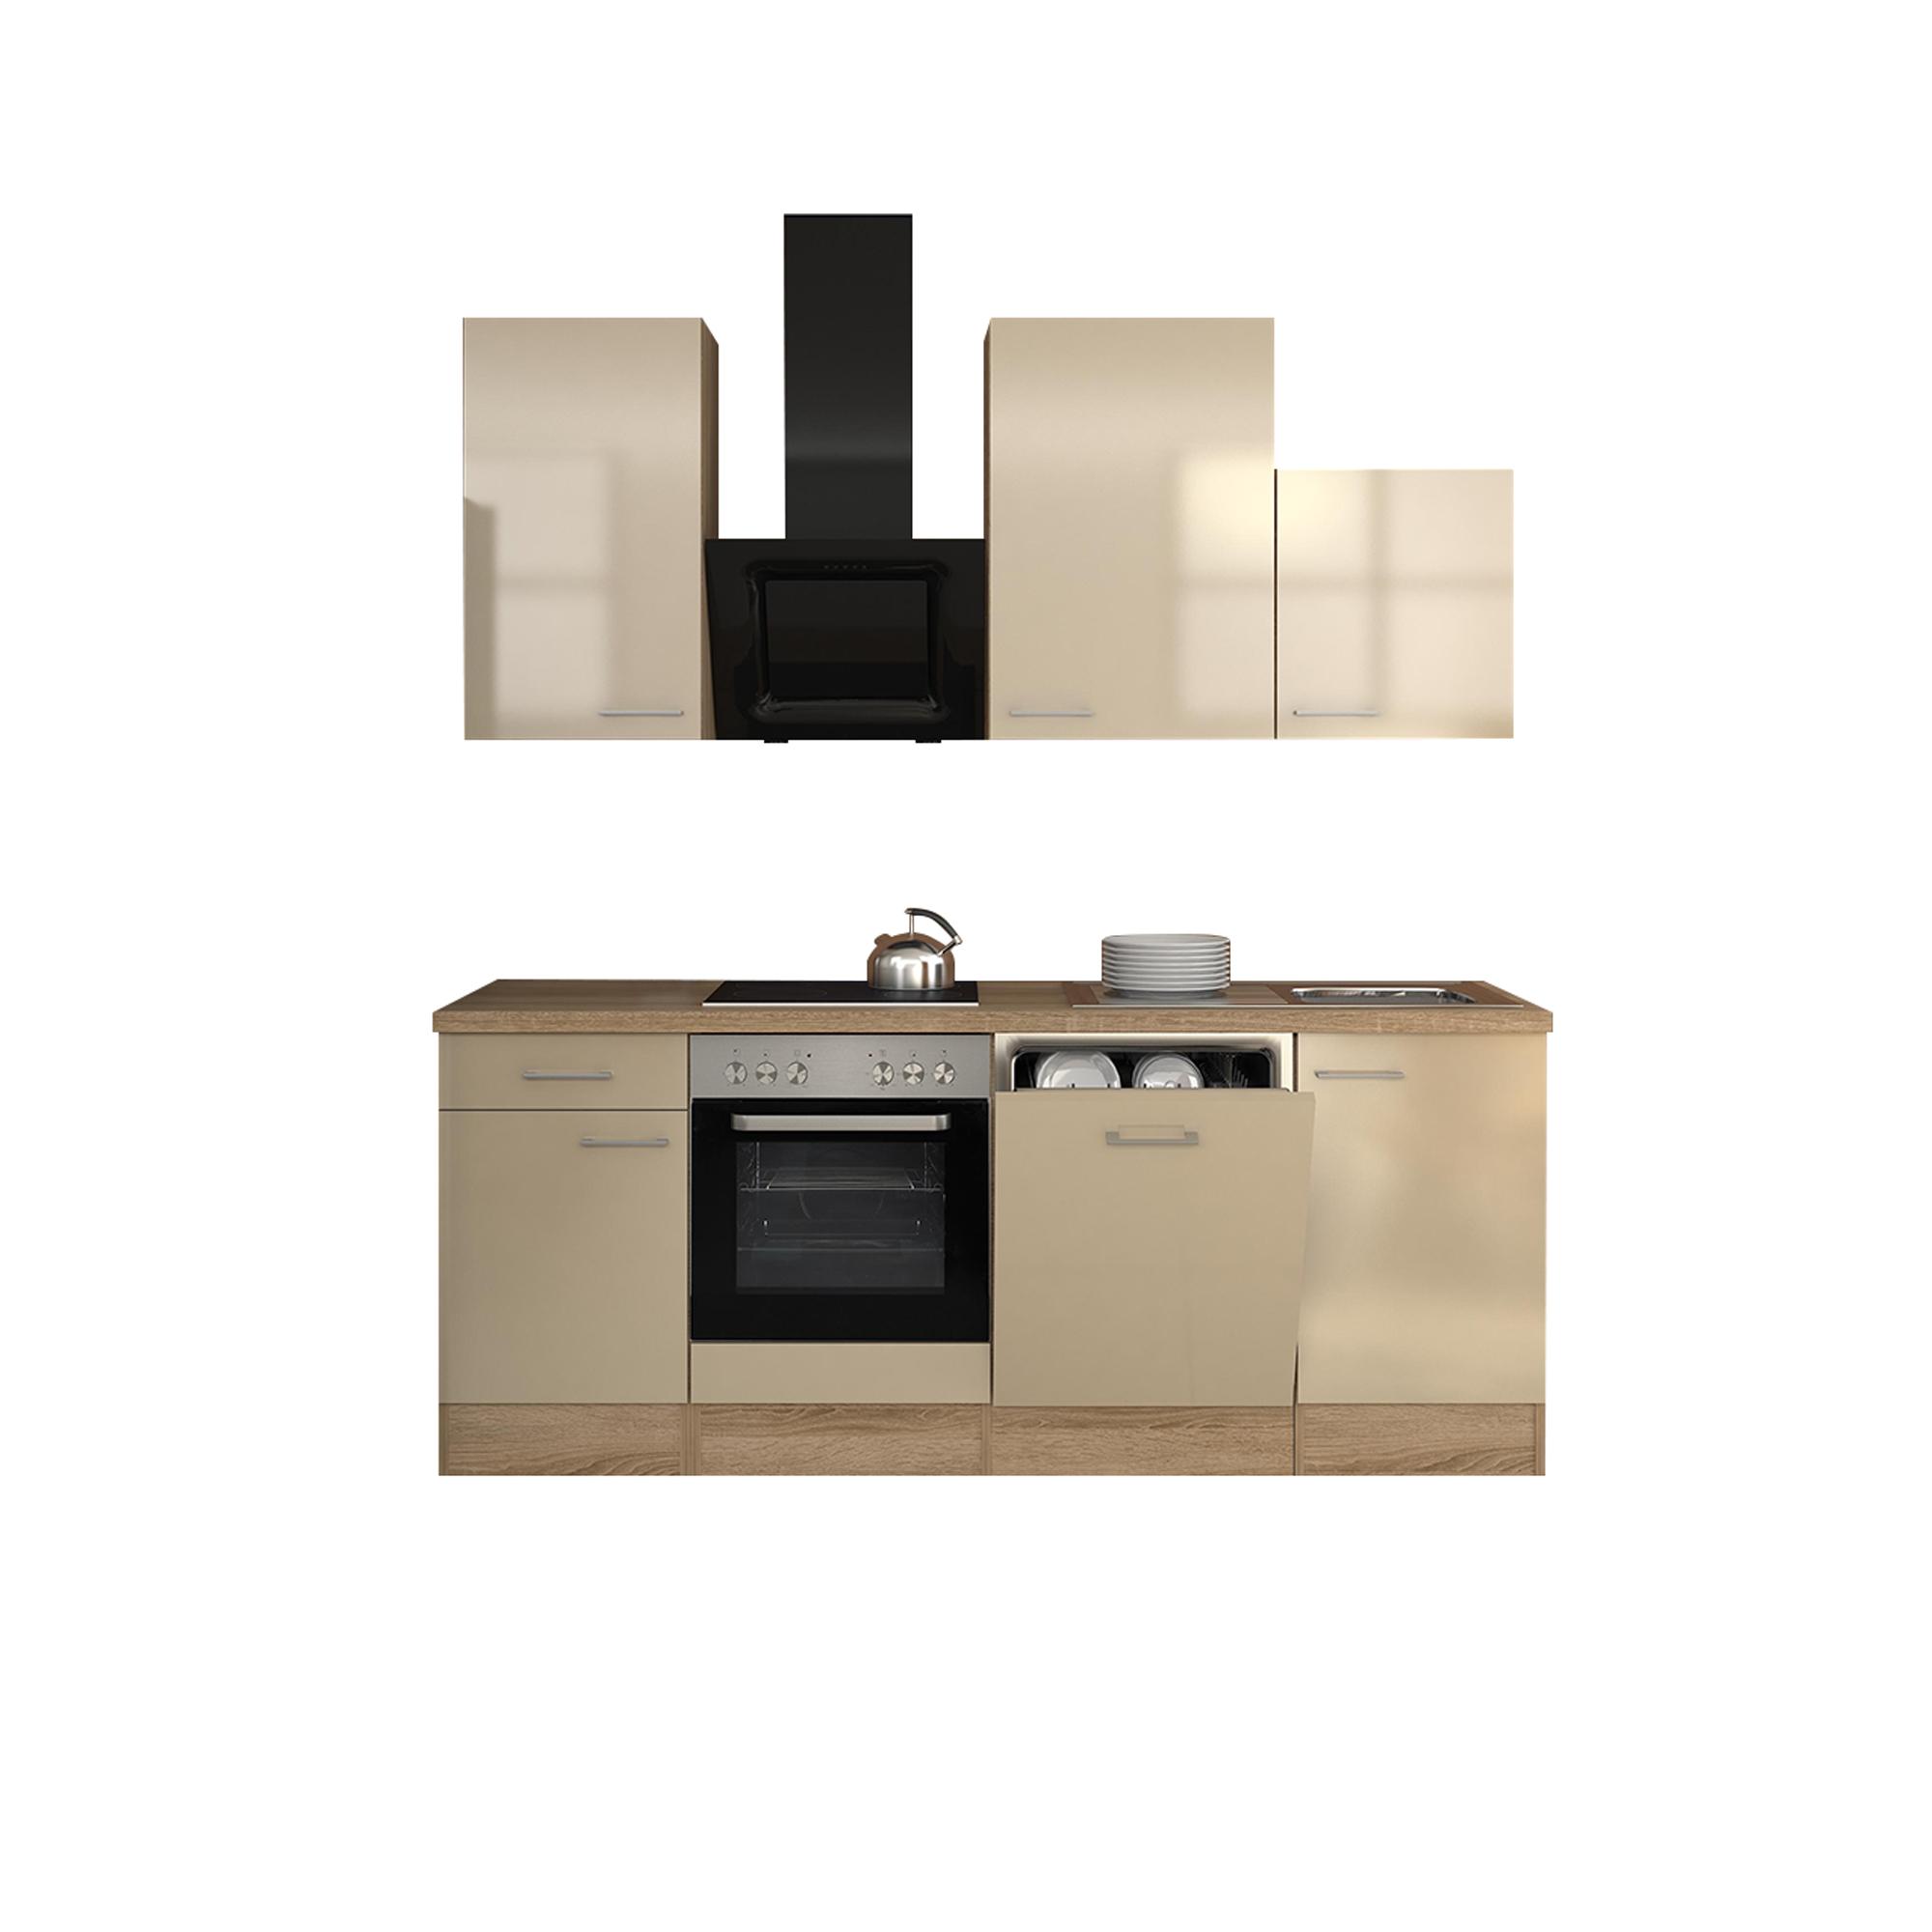 k chenzeile nepal k che mit design abzugshaube breite 220 cm creme k che k chenzeilen. Black Bedroom Furniture Sets. Home Design Ideas